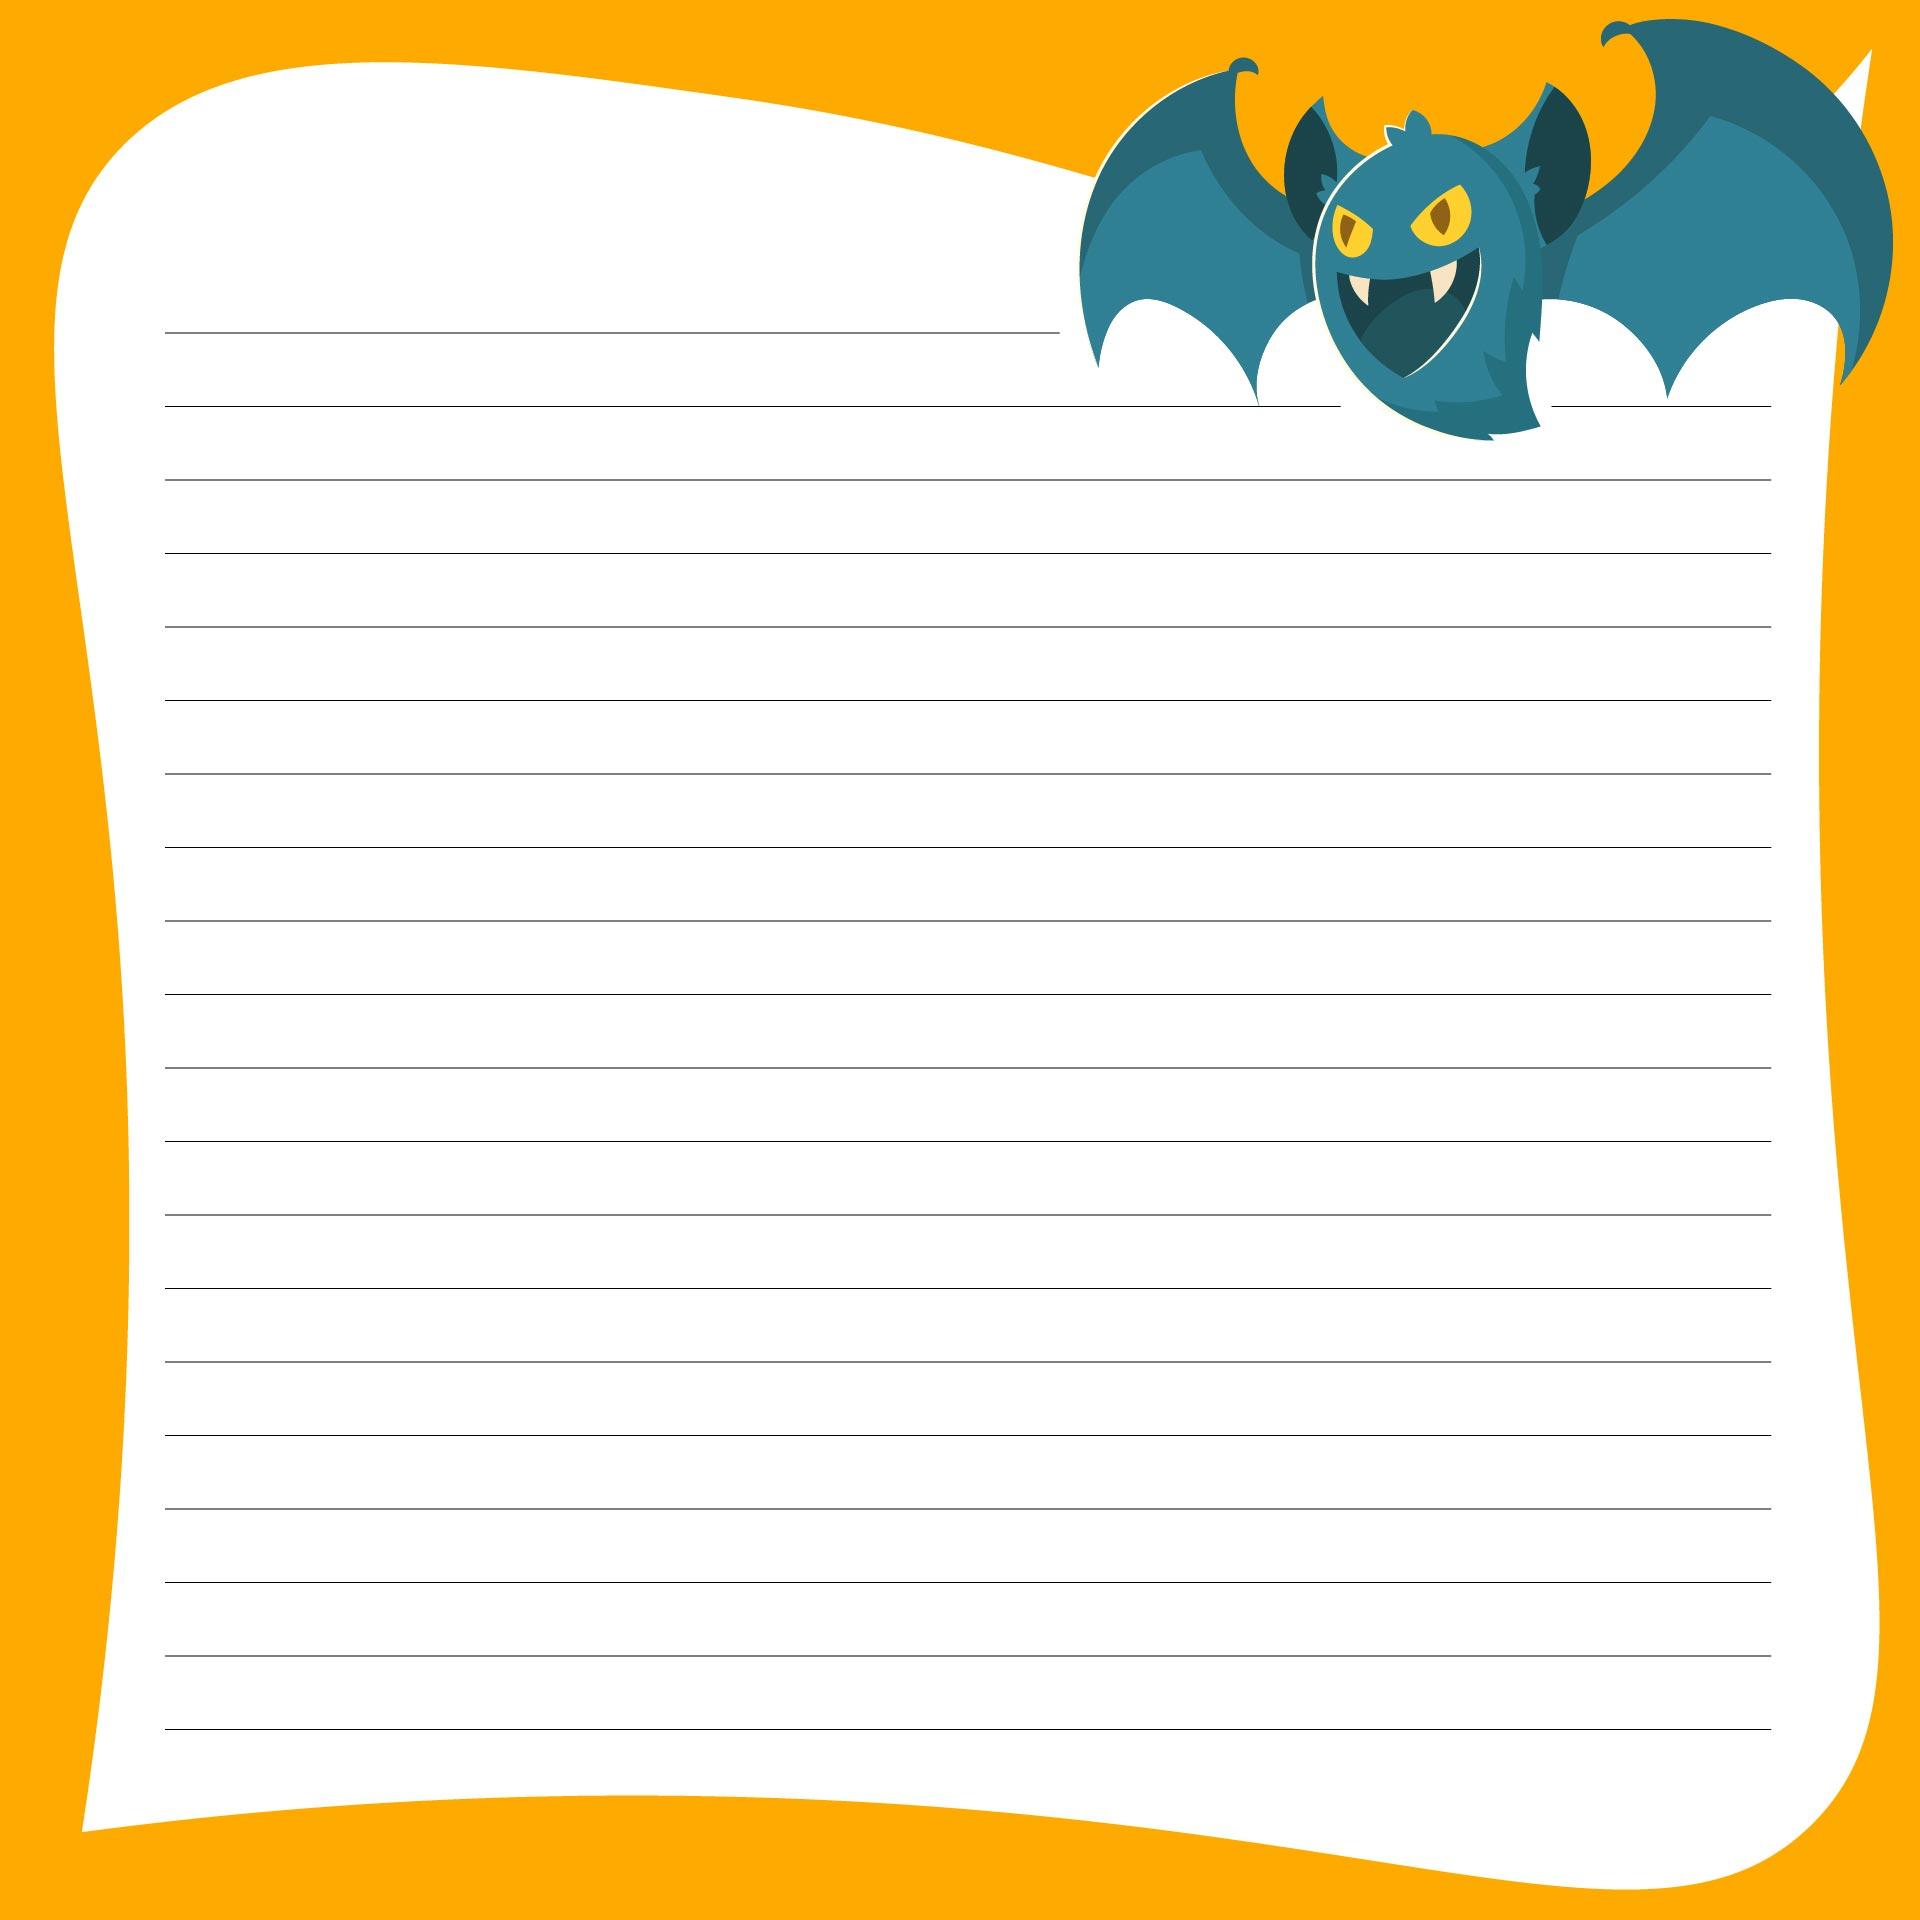 Printable Halloween Story Writing Templates